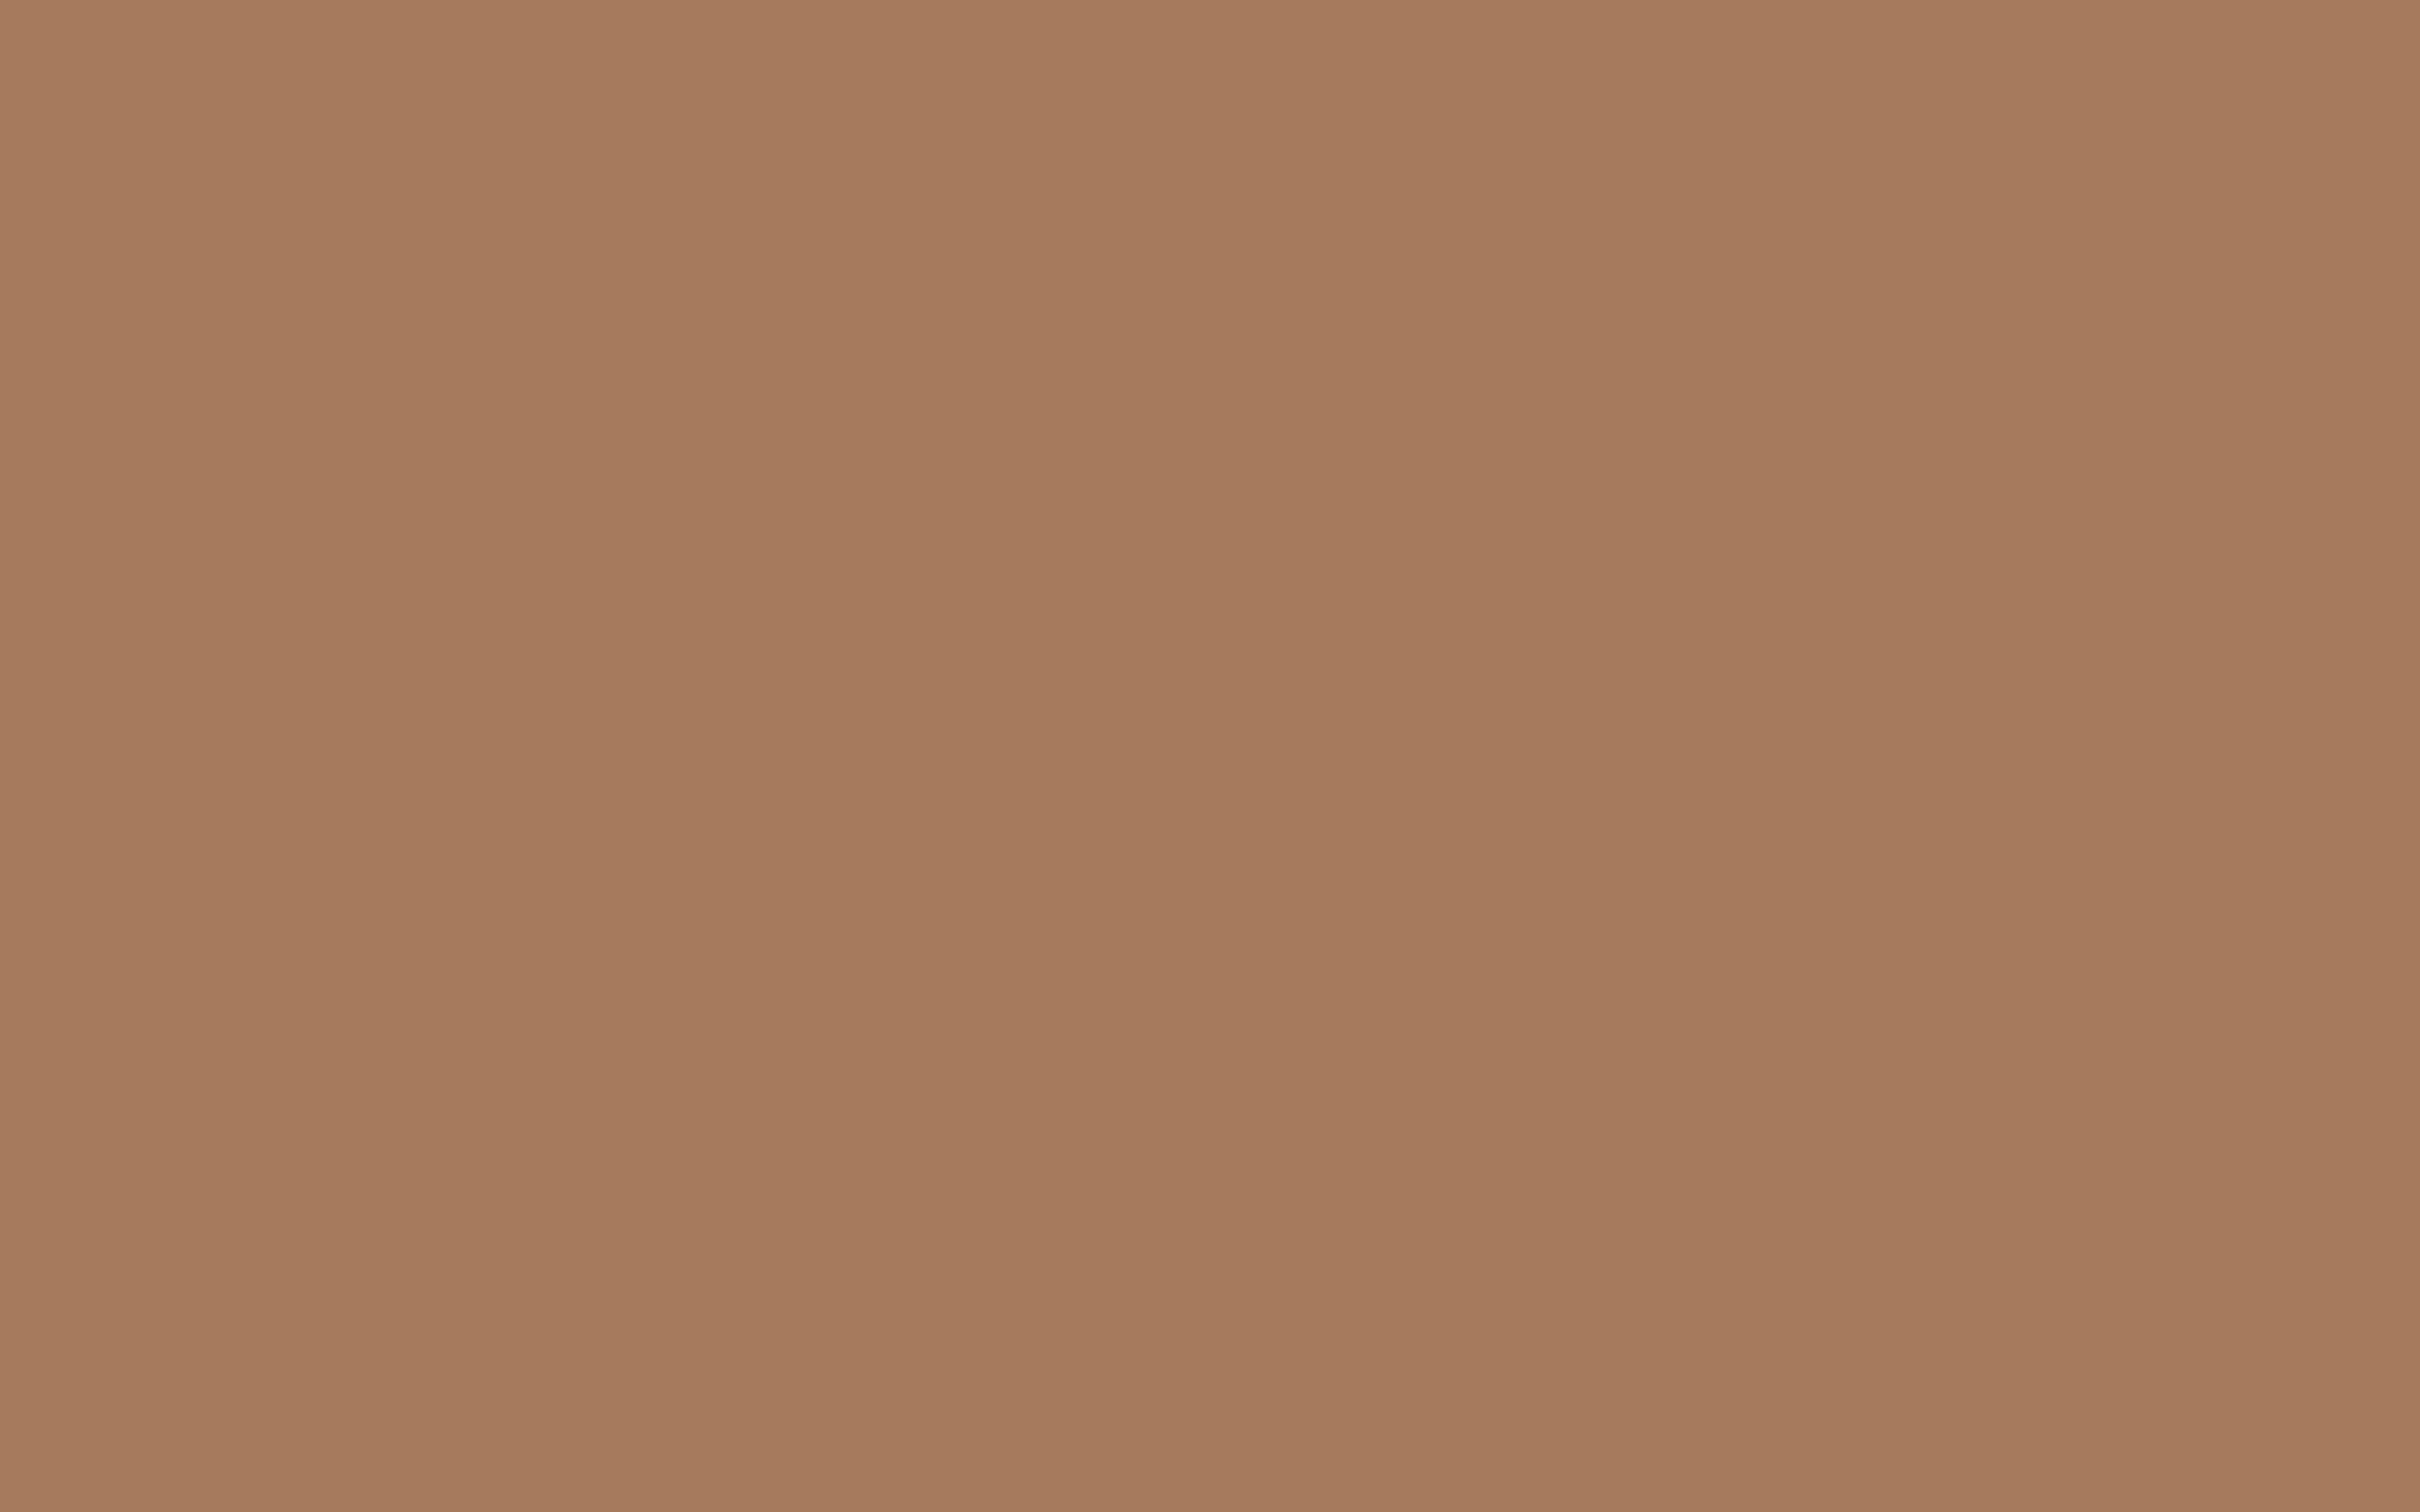 2560x1600 Cafe Au Lait Solid Color Background